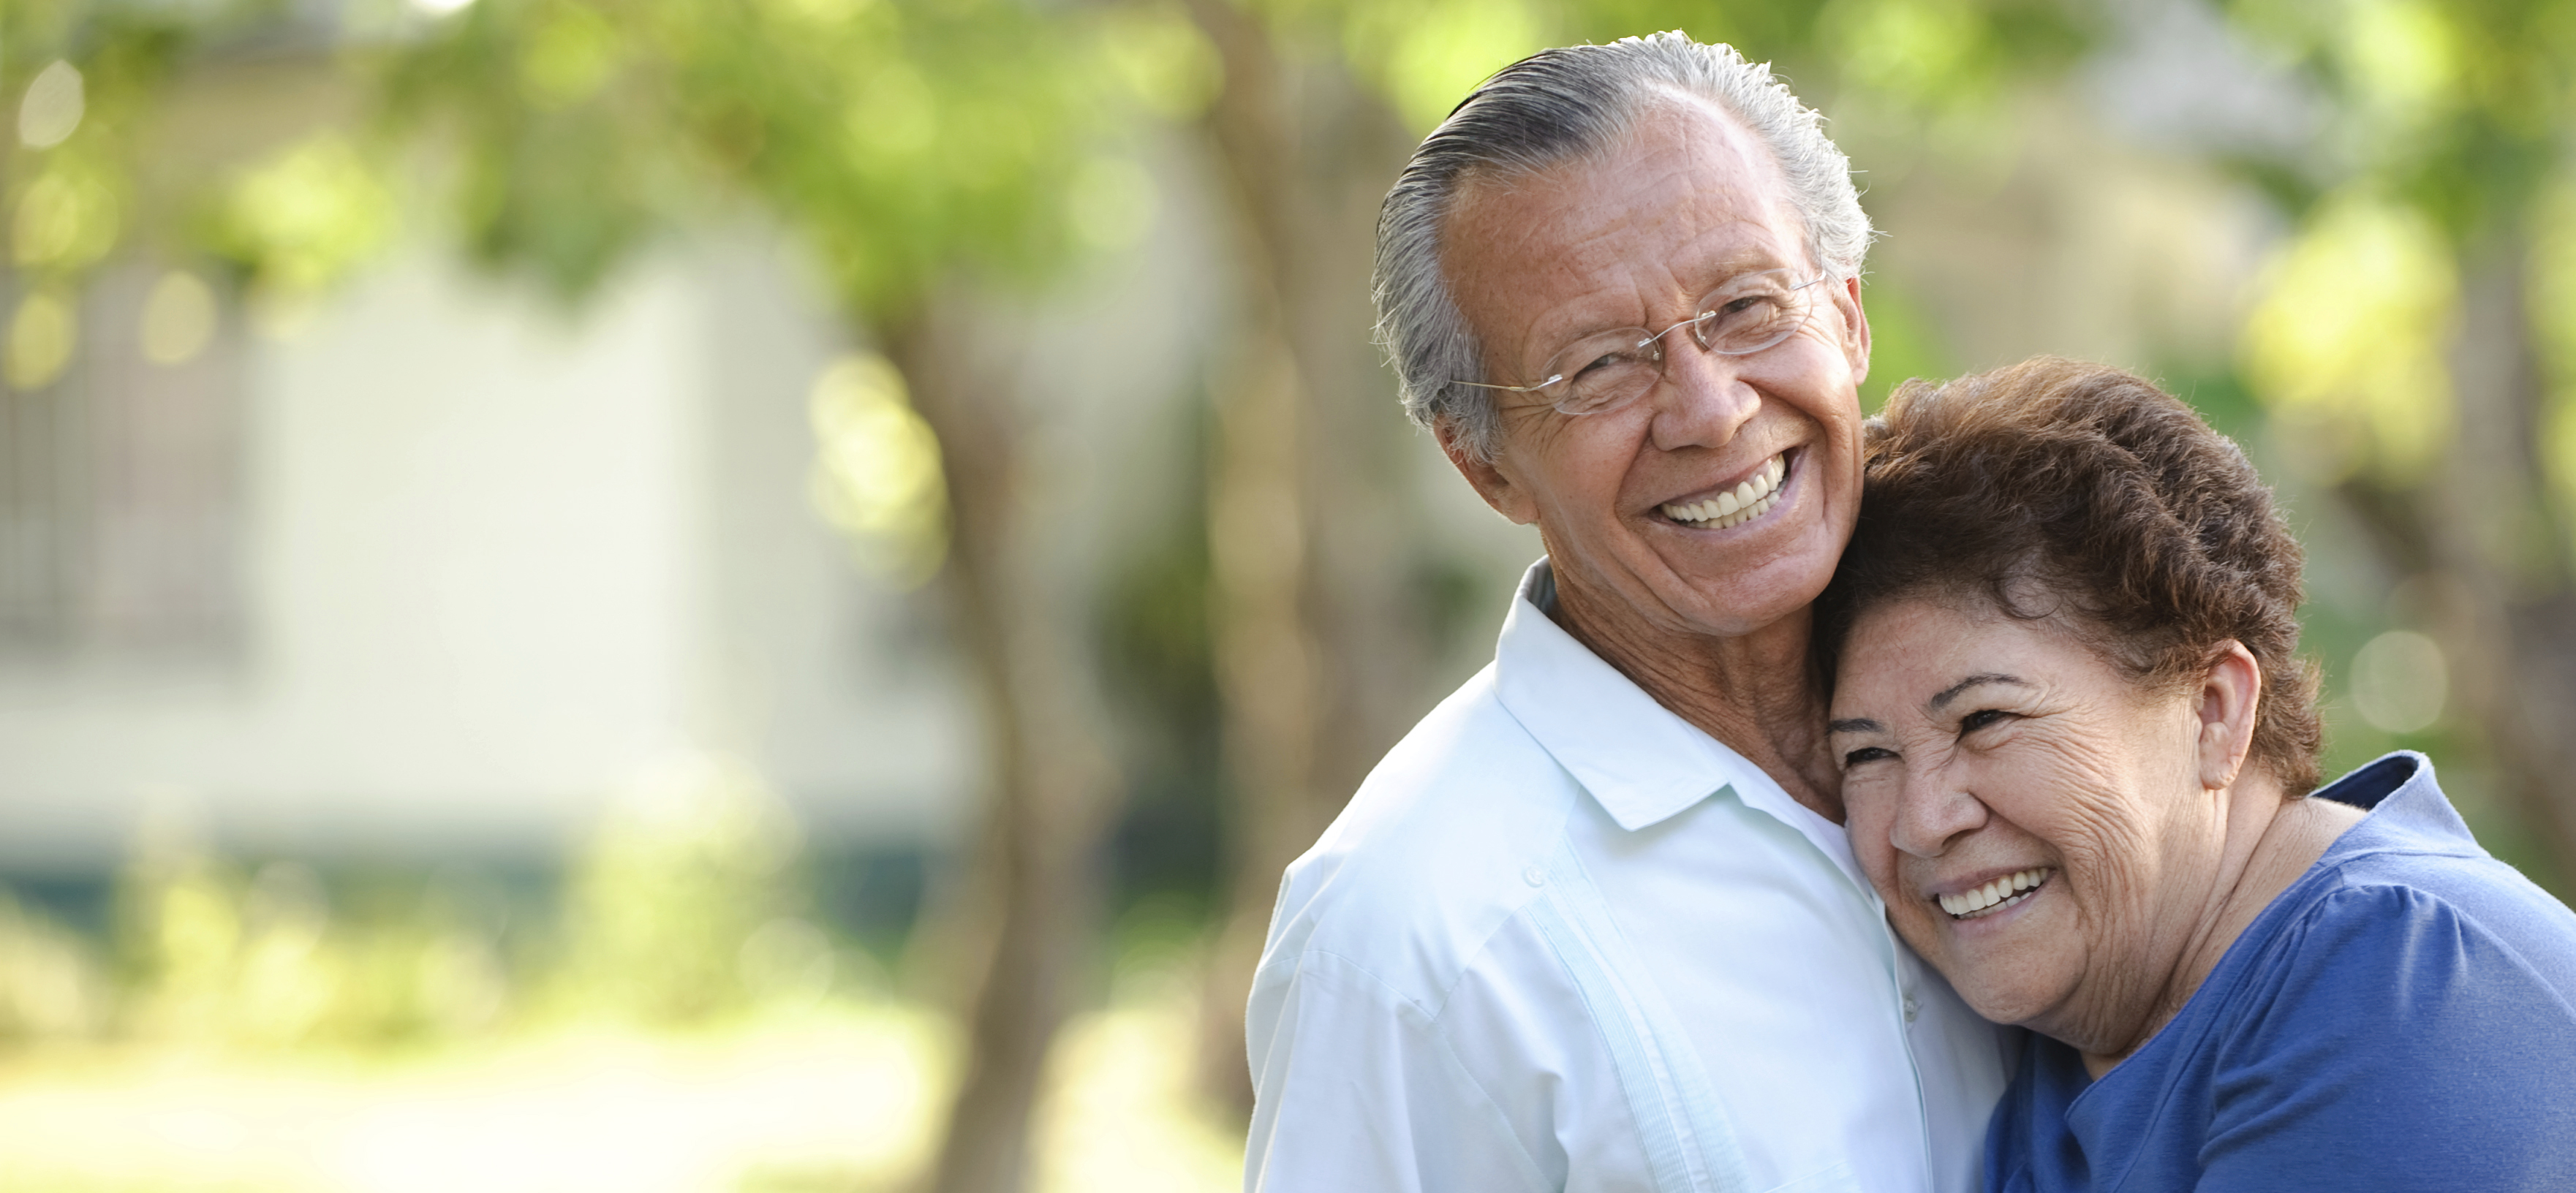 Jacksonville Italian Senior Online Dating Service